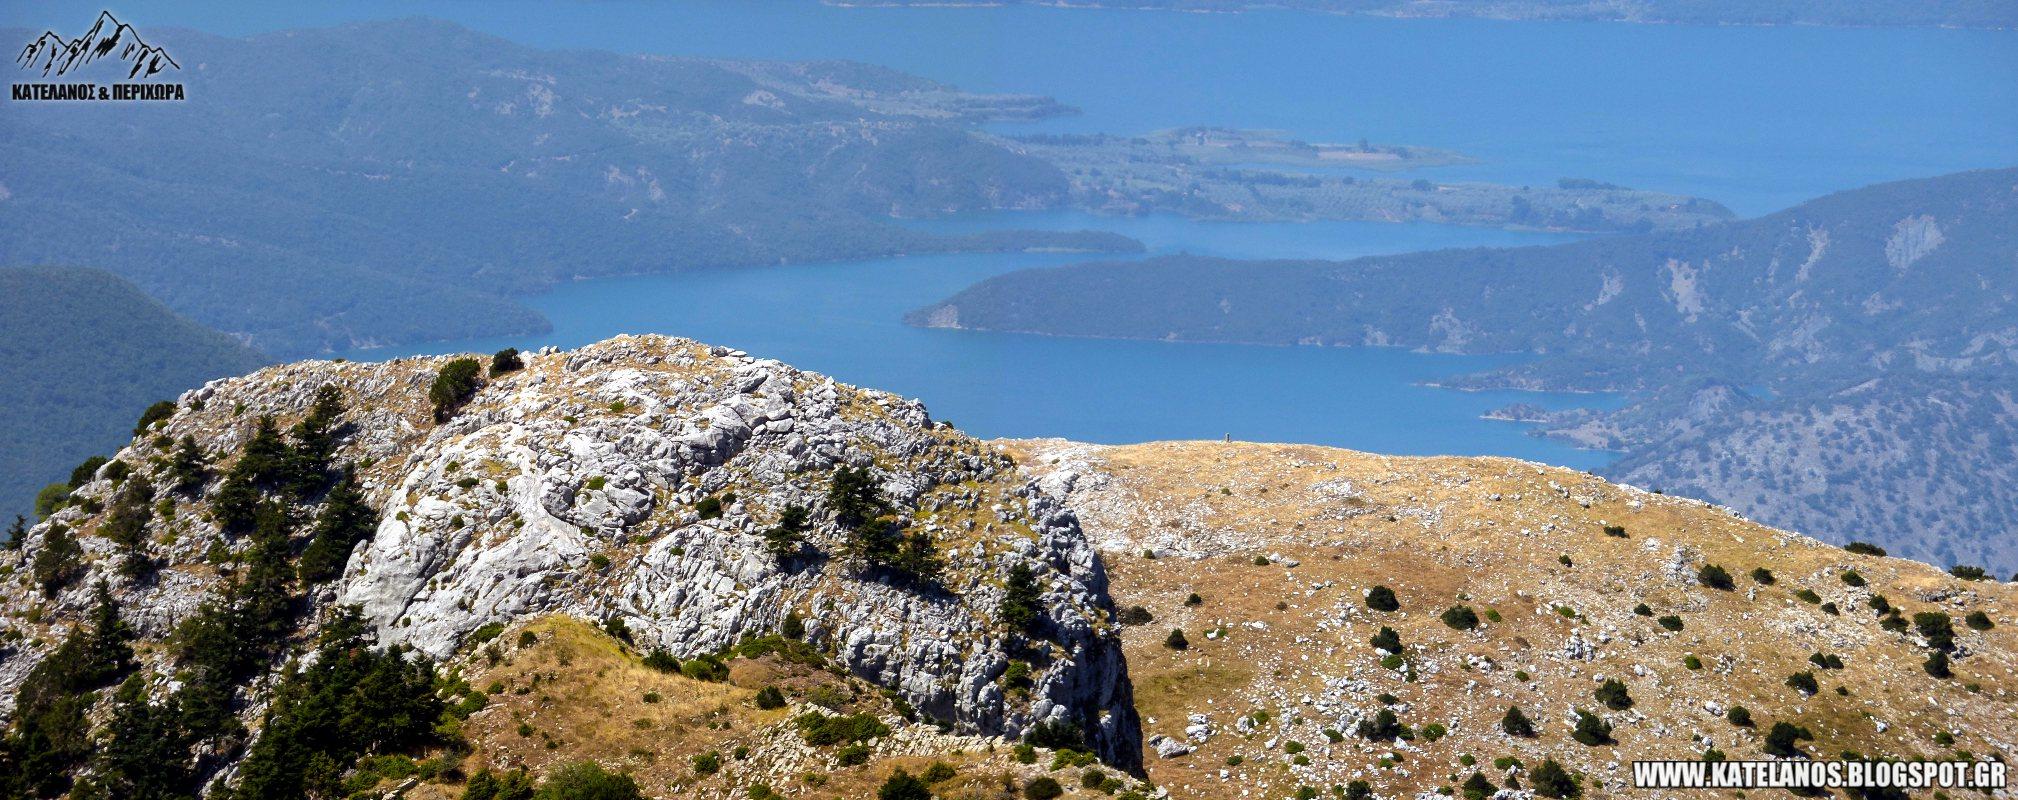 λιμνη καστρακιου φαφουτα παναιτωλικο ορος αη λιας